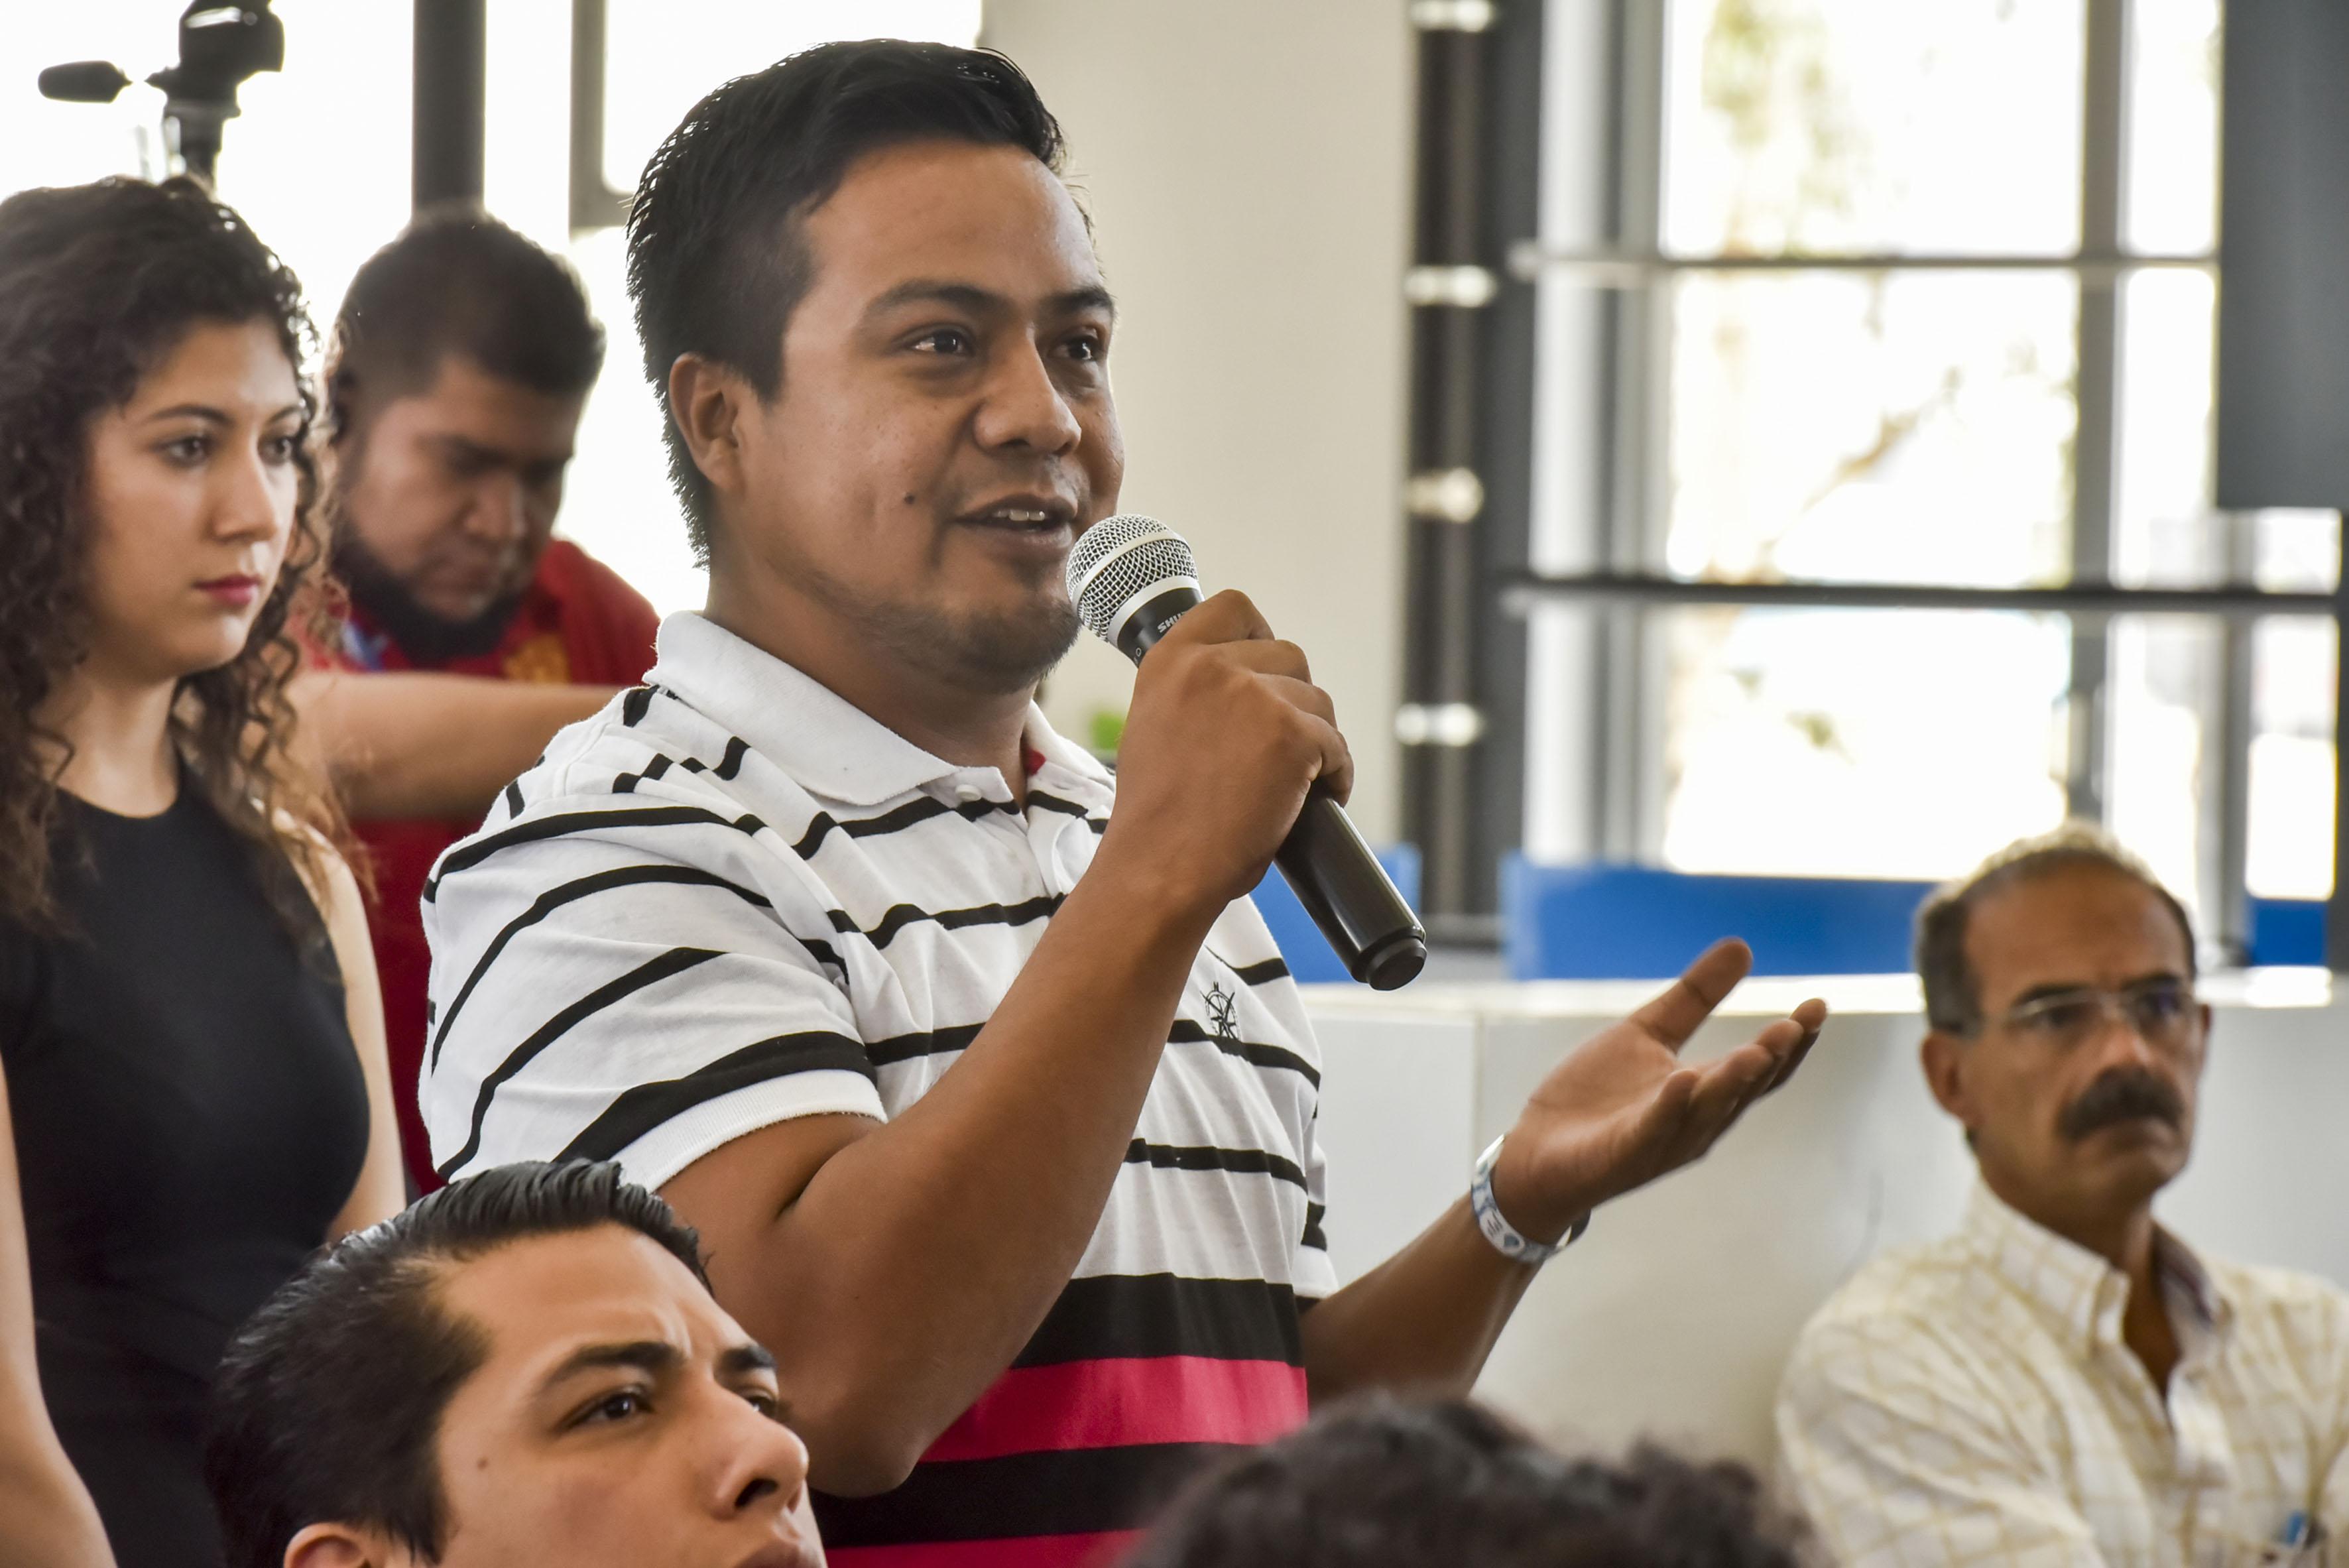 Asistente a la conferencia, participando en la sesión de preguntas y respuestas.